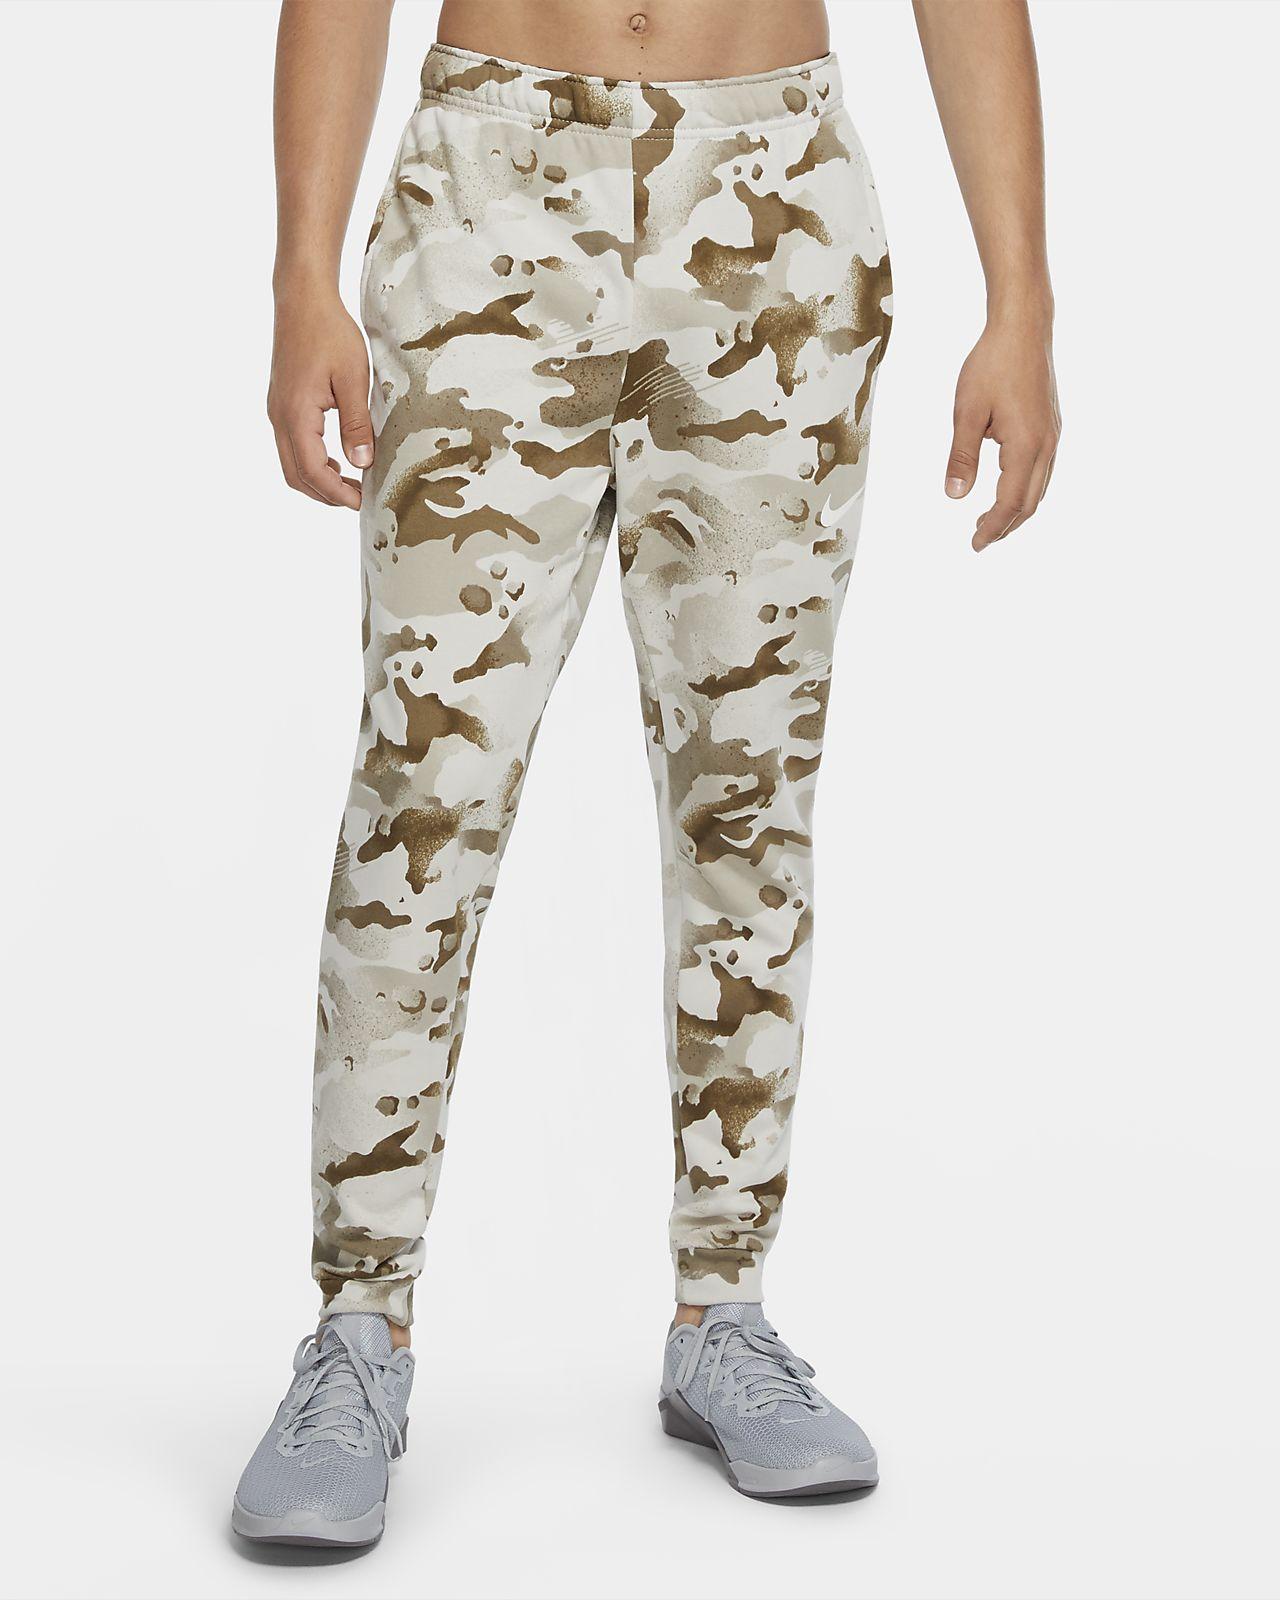 Pantalones de entrenamiento para hombre Nike Dri-FIT Camo